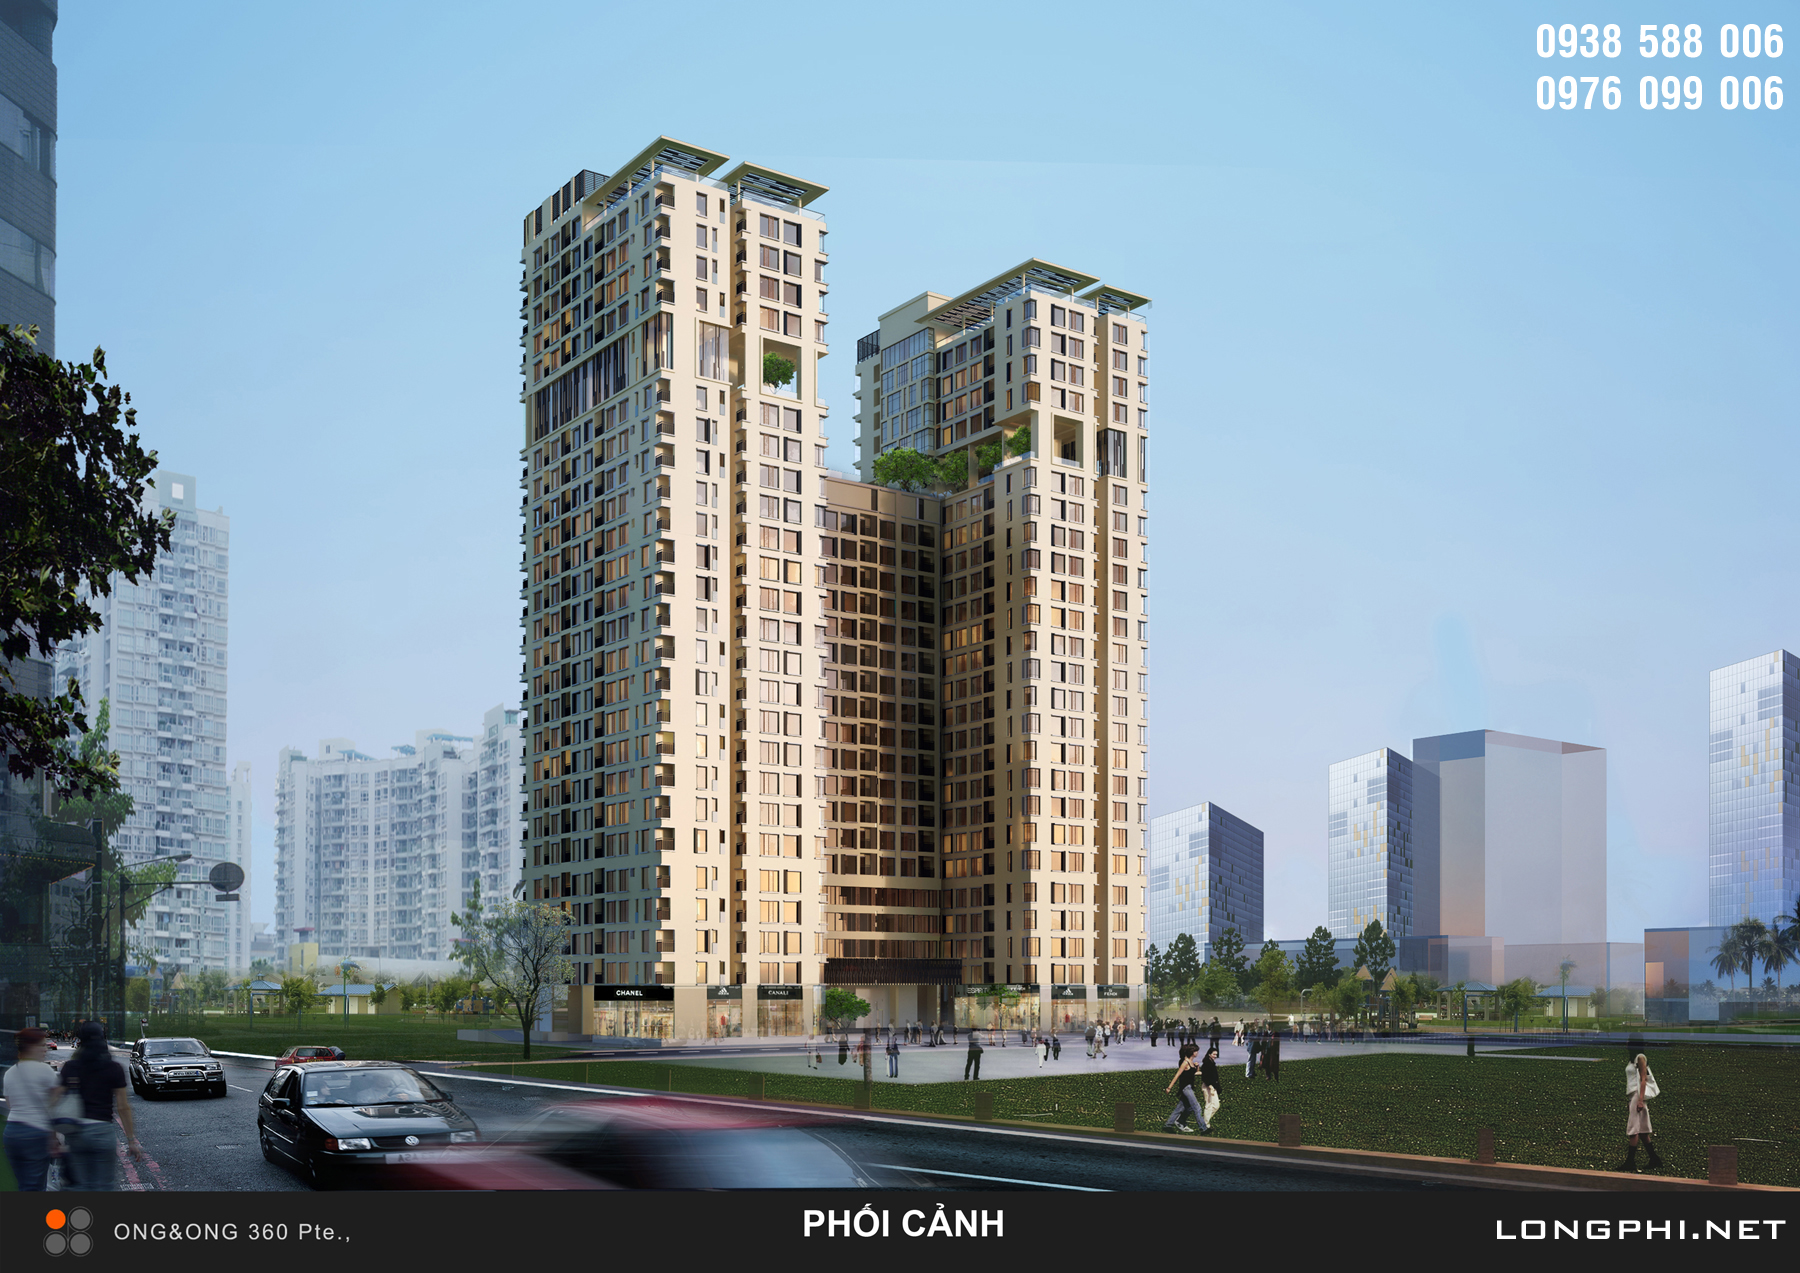 The Golden Star: căn hộ cao cấp bàn giao nội thất Châu Âu đẳng cấp của chủ đầu tư Hưng Lộc Phát.